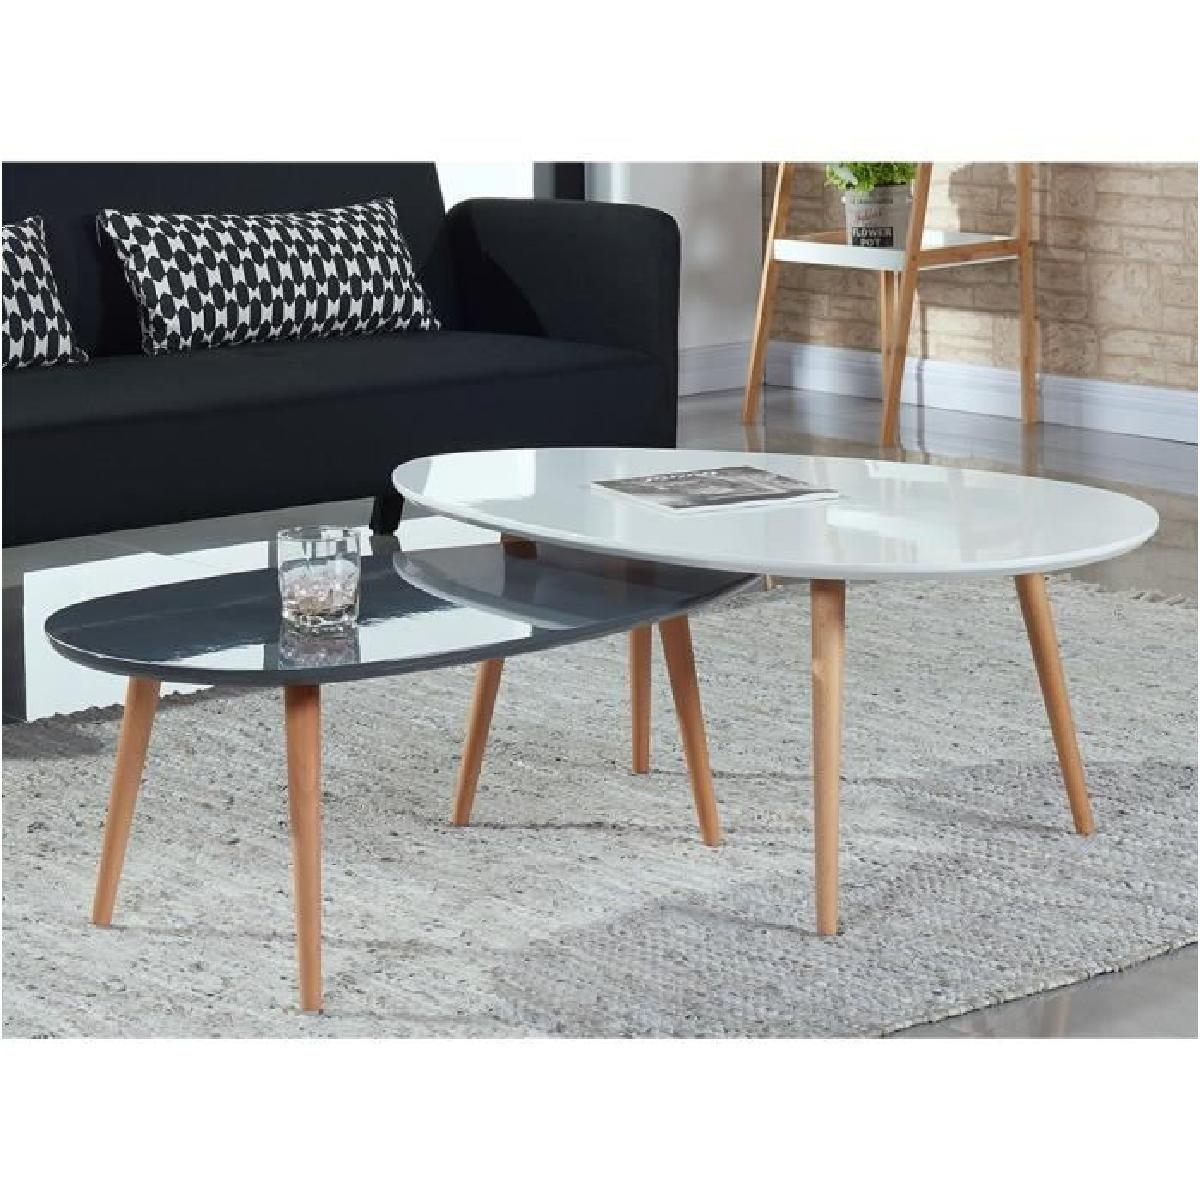 Petite Table Basse De Salon Table Basse Blanche Ronde 3670